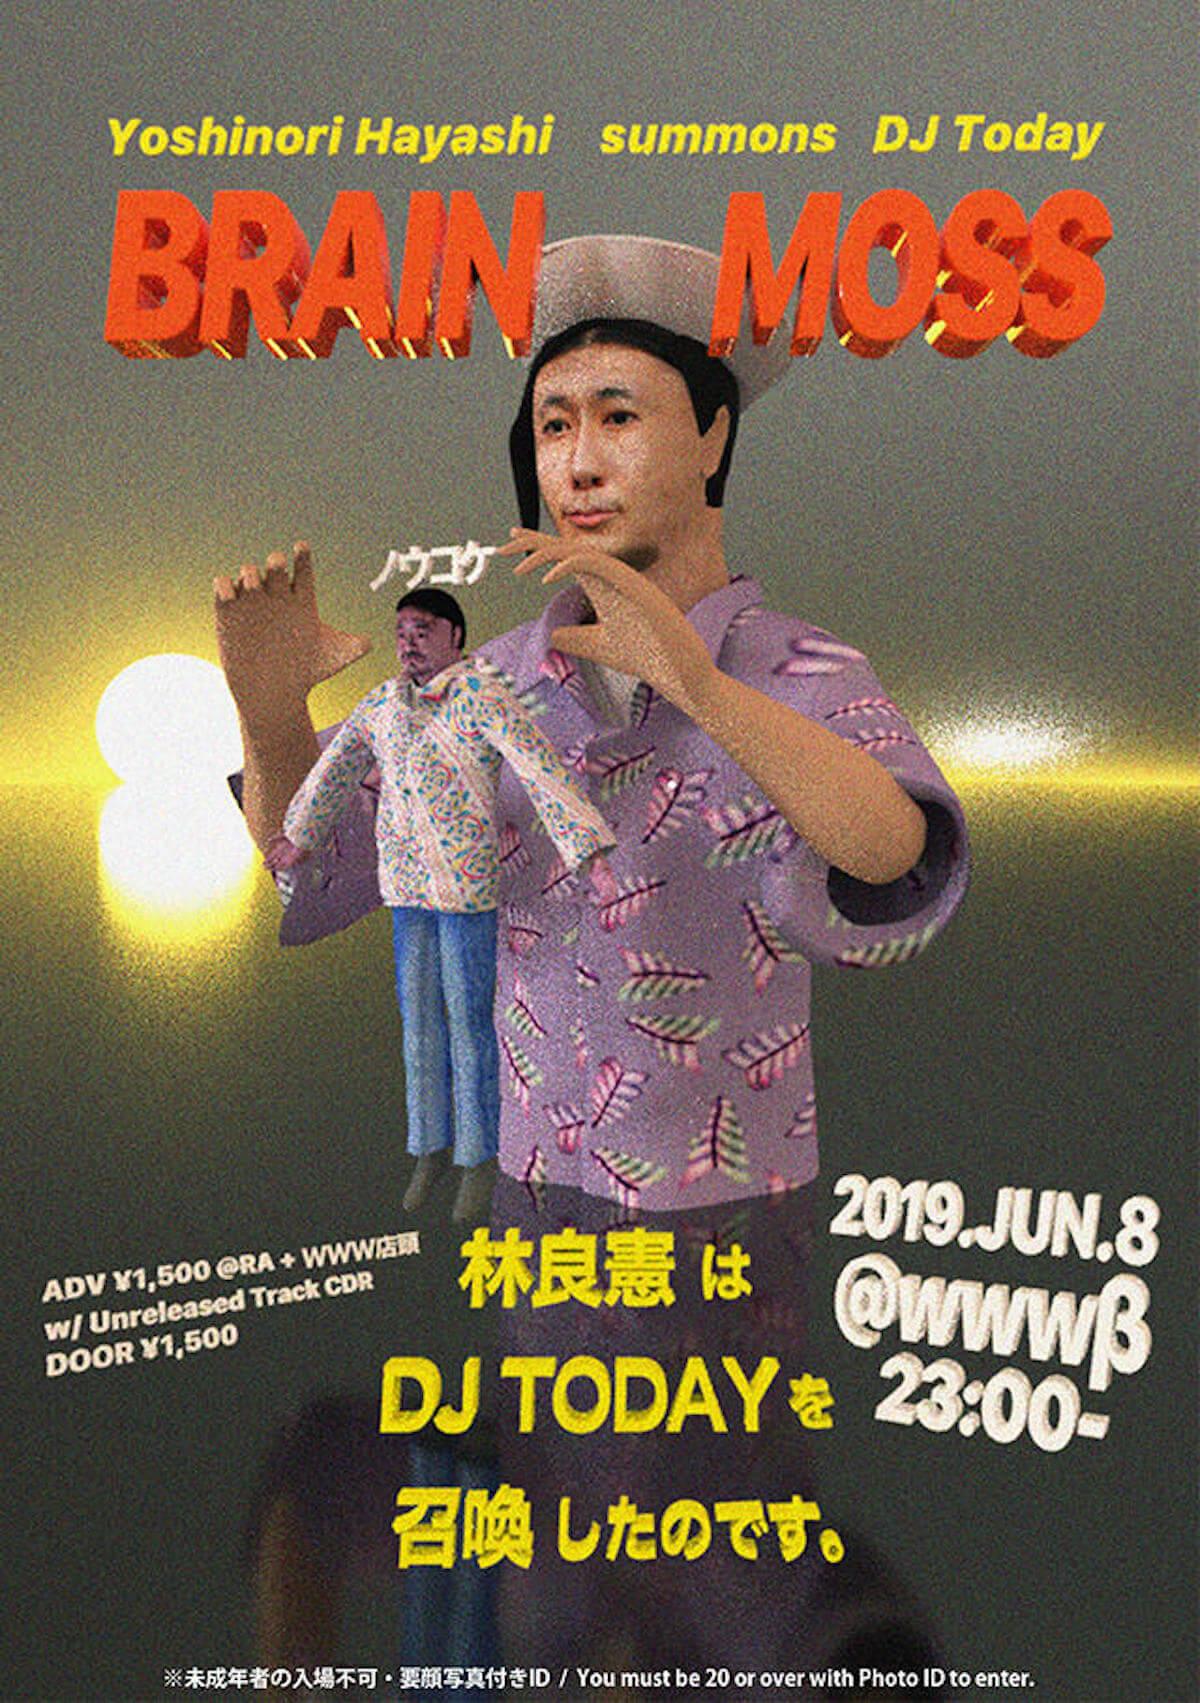 <Boiler Room>出演のYoshinori Hayashi主催パーティー<BRAIN MOSS/ノウコケ>が今週末WWWβにて開催 music190607_brainless_main